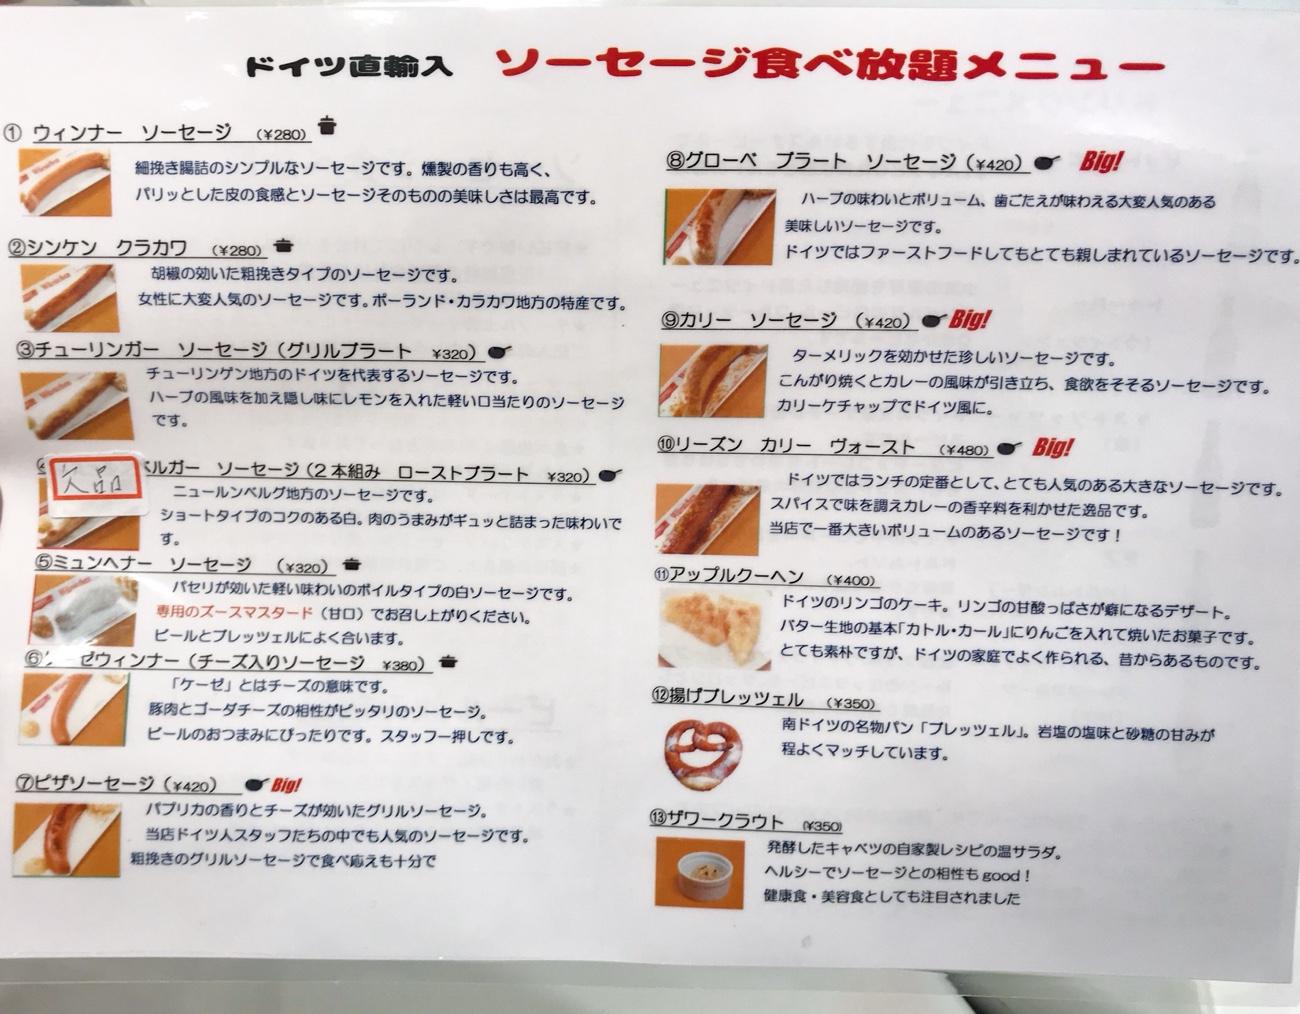 ドイツソーセージ食べ放題メニュー インビスハライコ